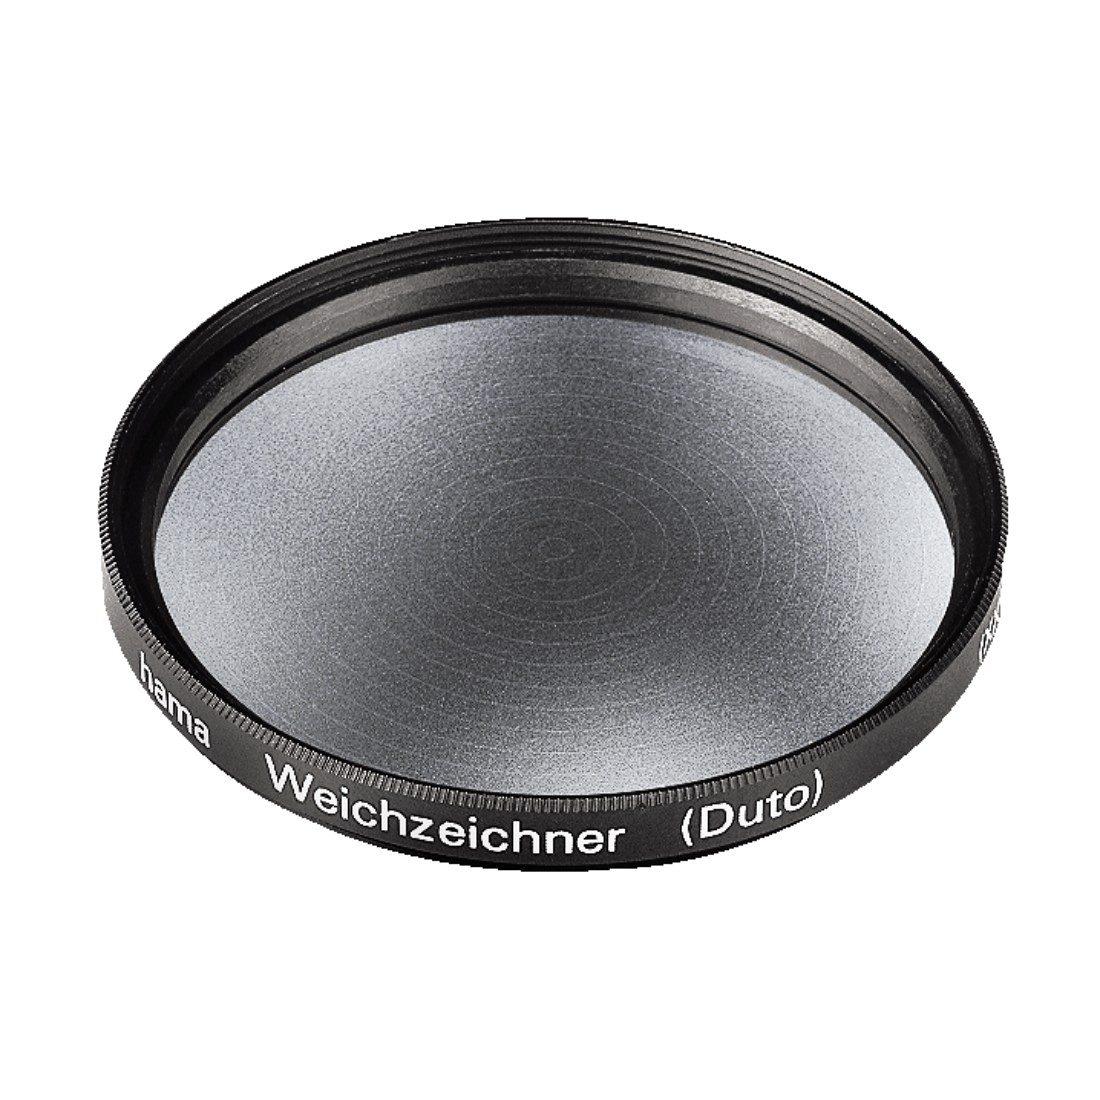 Hama Effekt-Filter, Weichzeichner, 52,0 mm